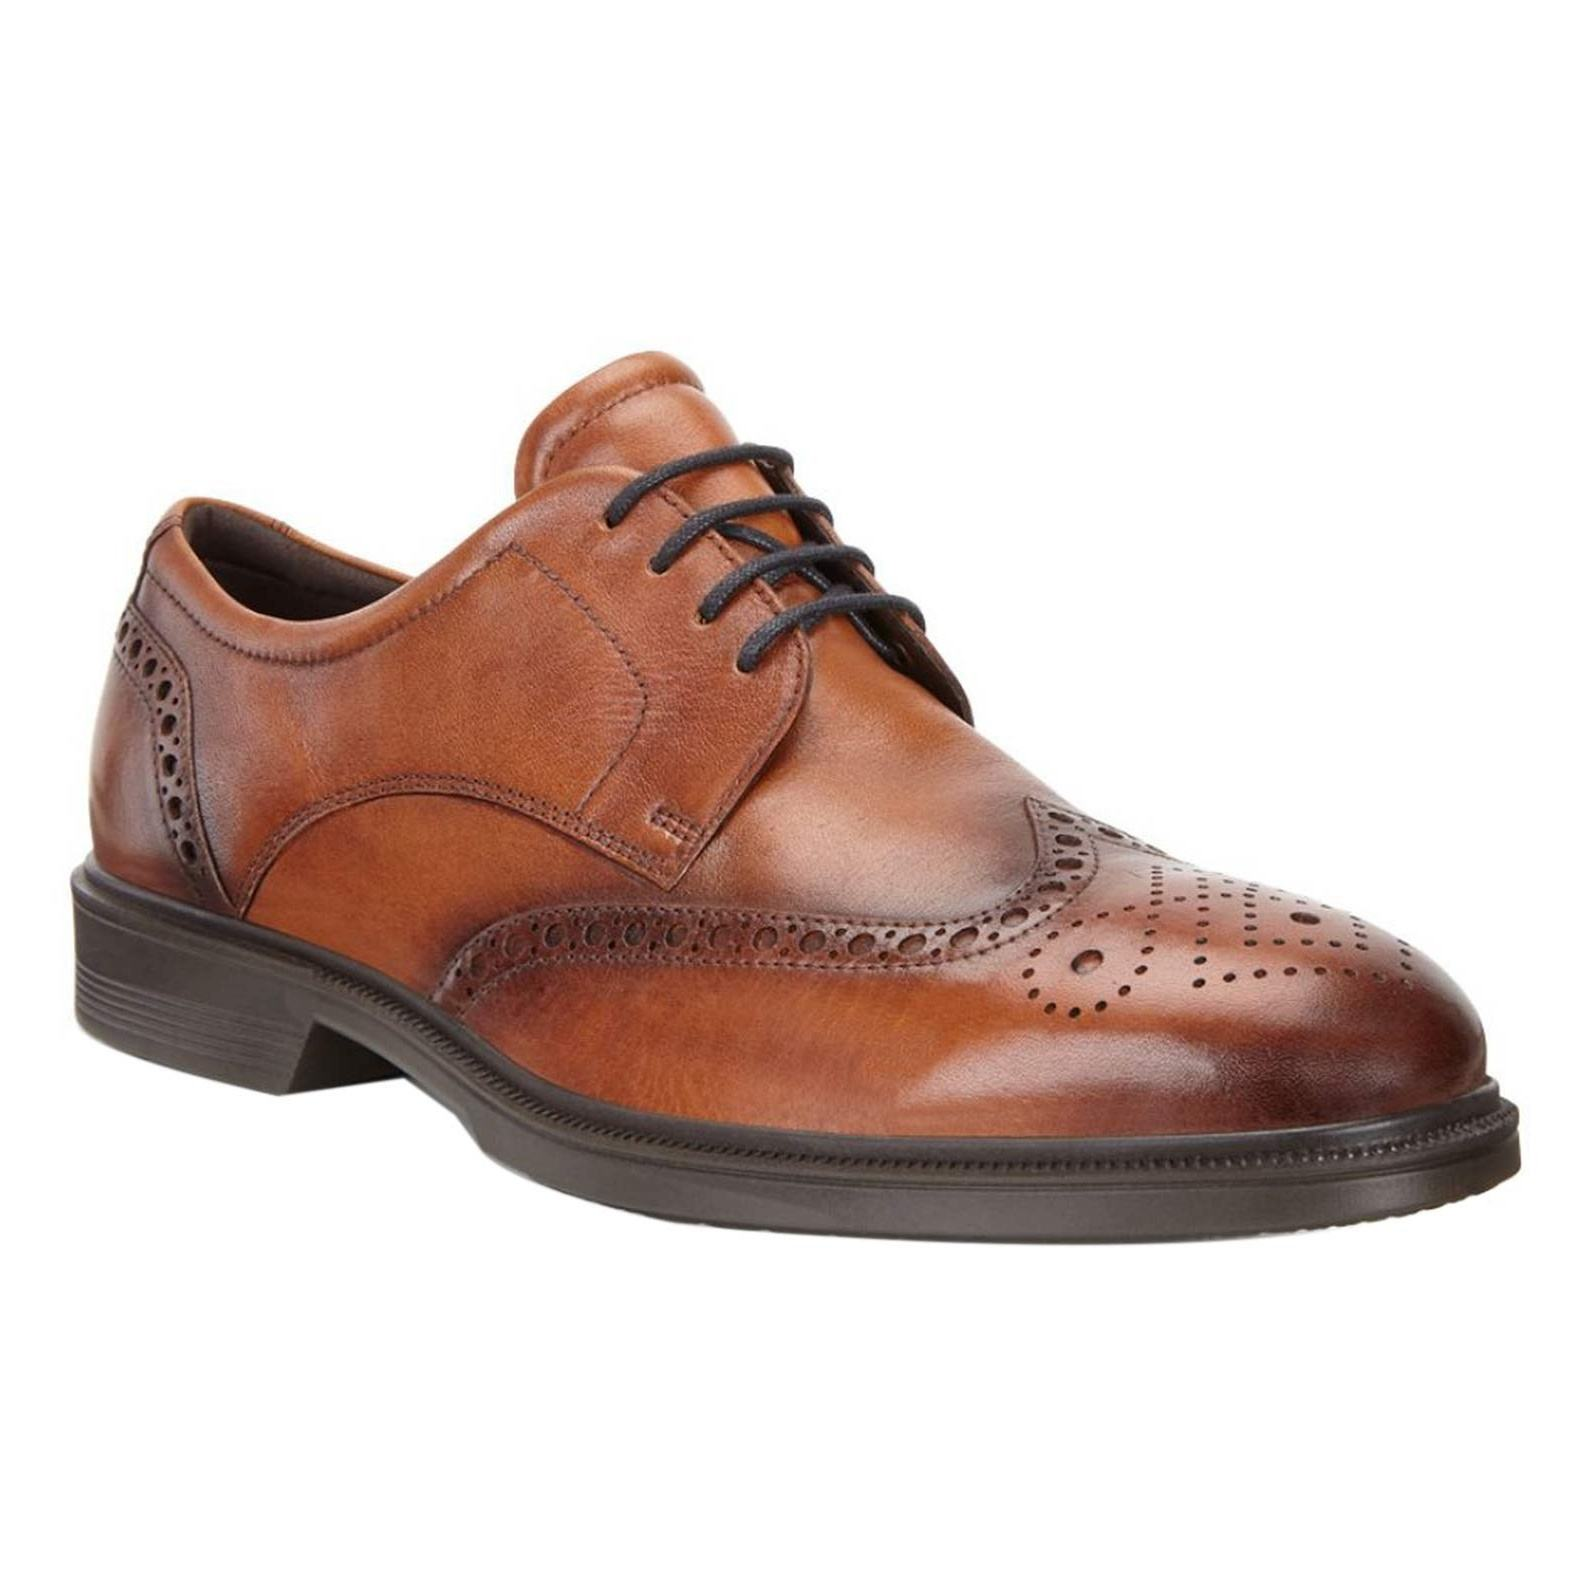 کفش رسمی چرم مردانه Lisbon - اکو - قهوه اي  - 1